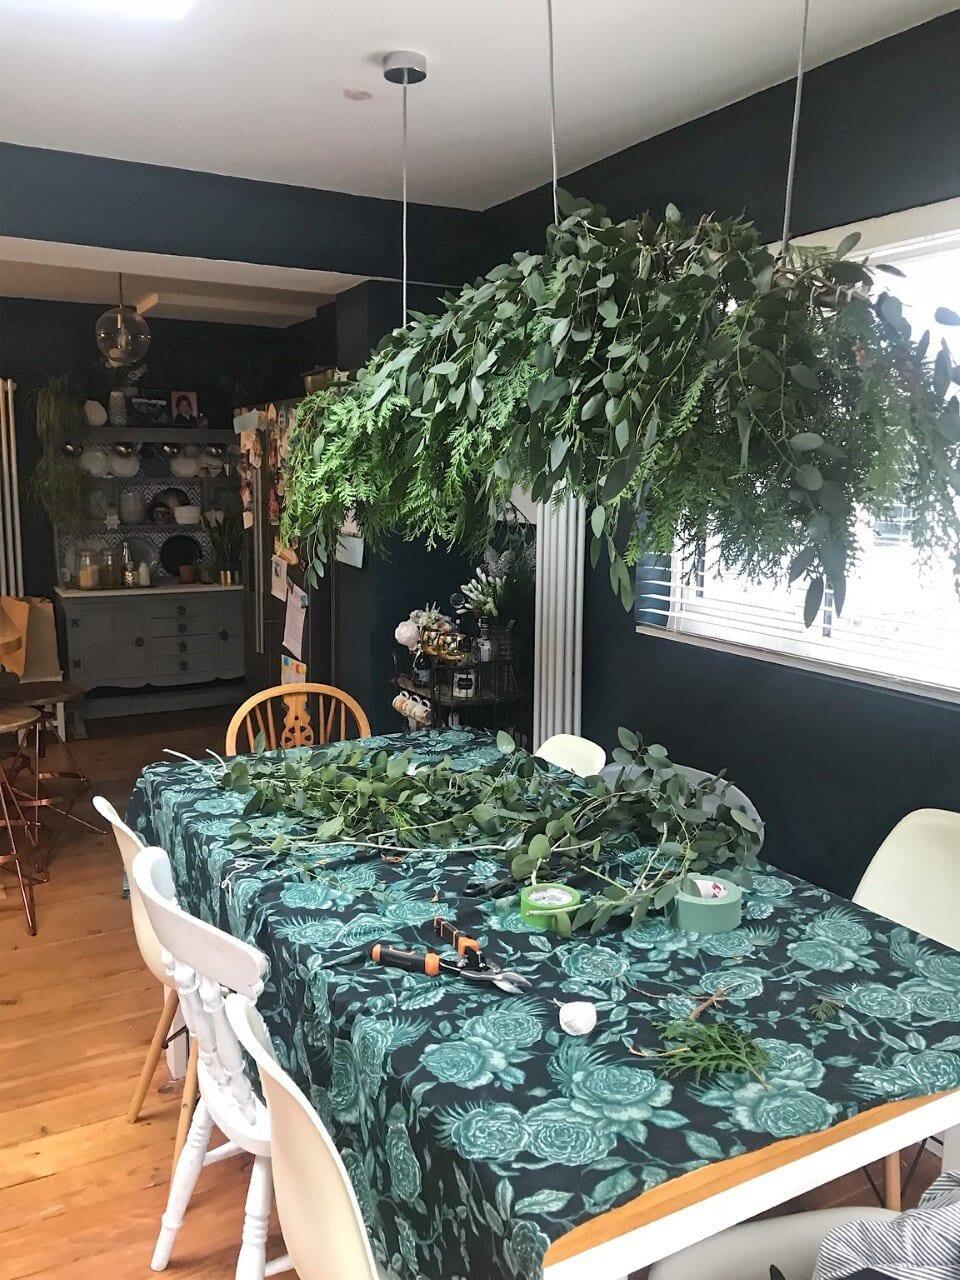 A big busy bush of fir and eucalyptus